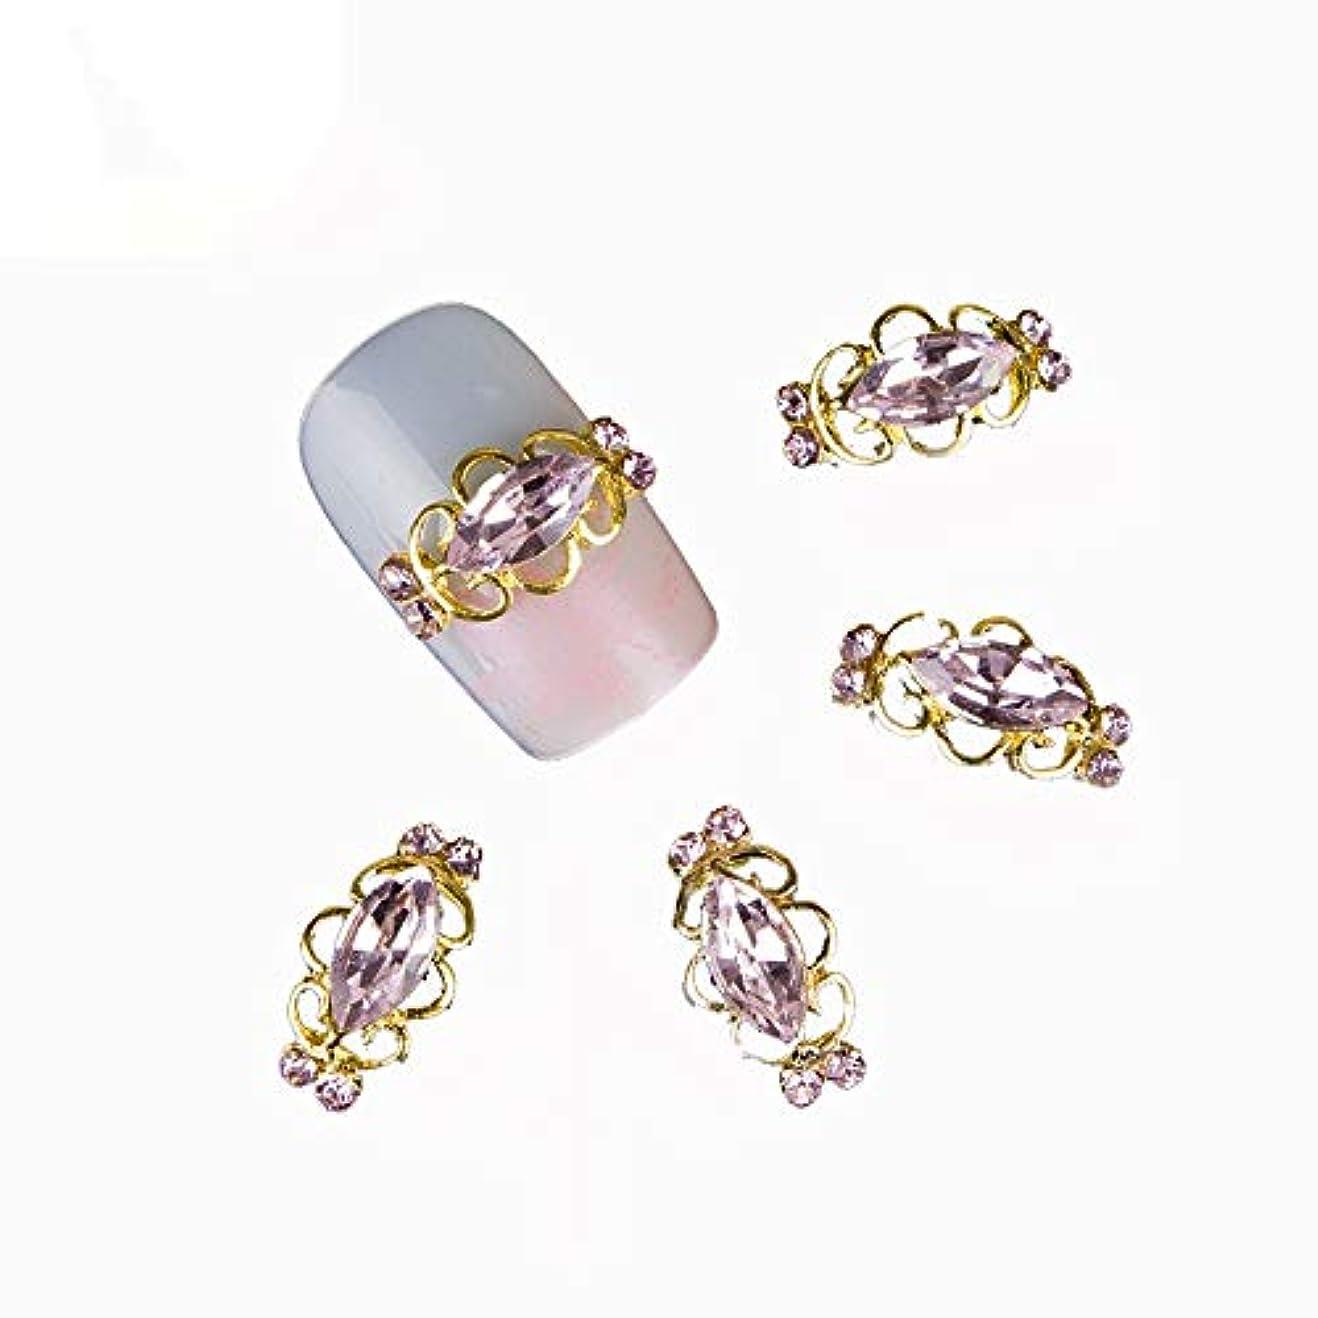 真夜中スツールアッパー10個入り/ロット3Dネイルラインストーンの装飾紫色の宝石DIYネイル合金ジュエリーネイルアートネイルスタッドツールのヒント